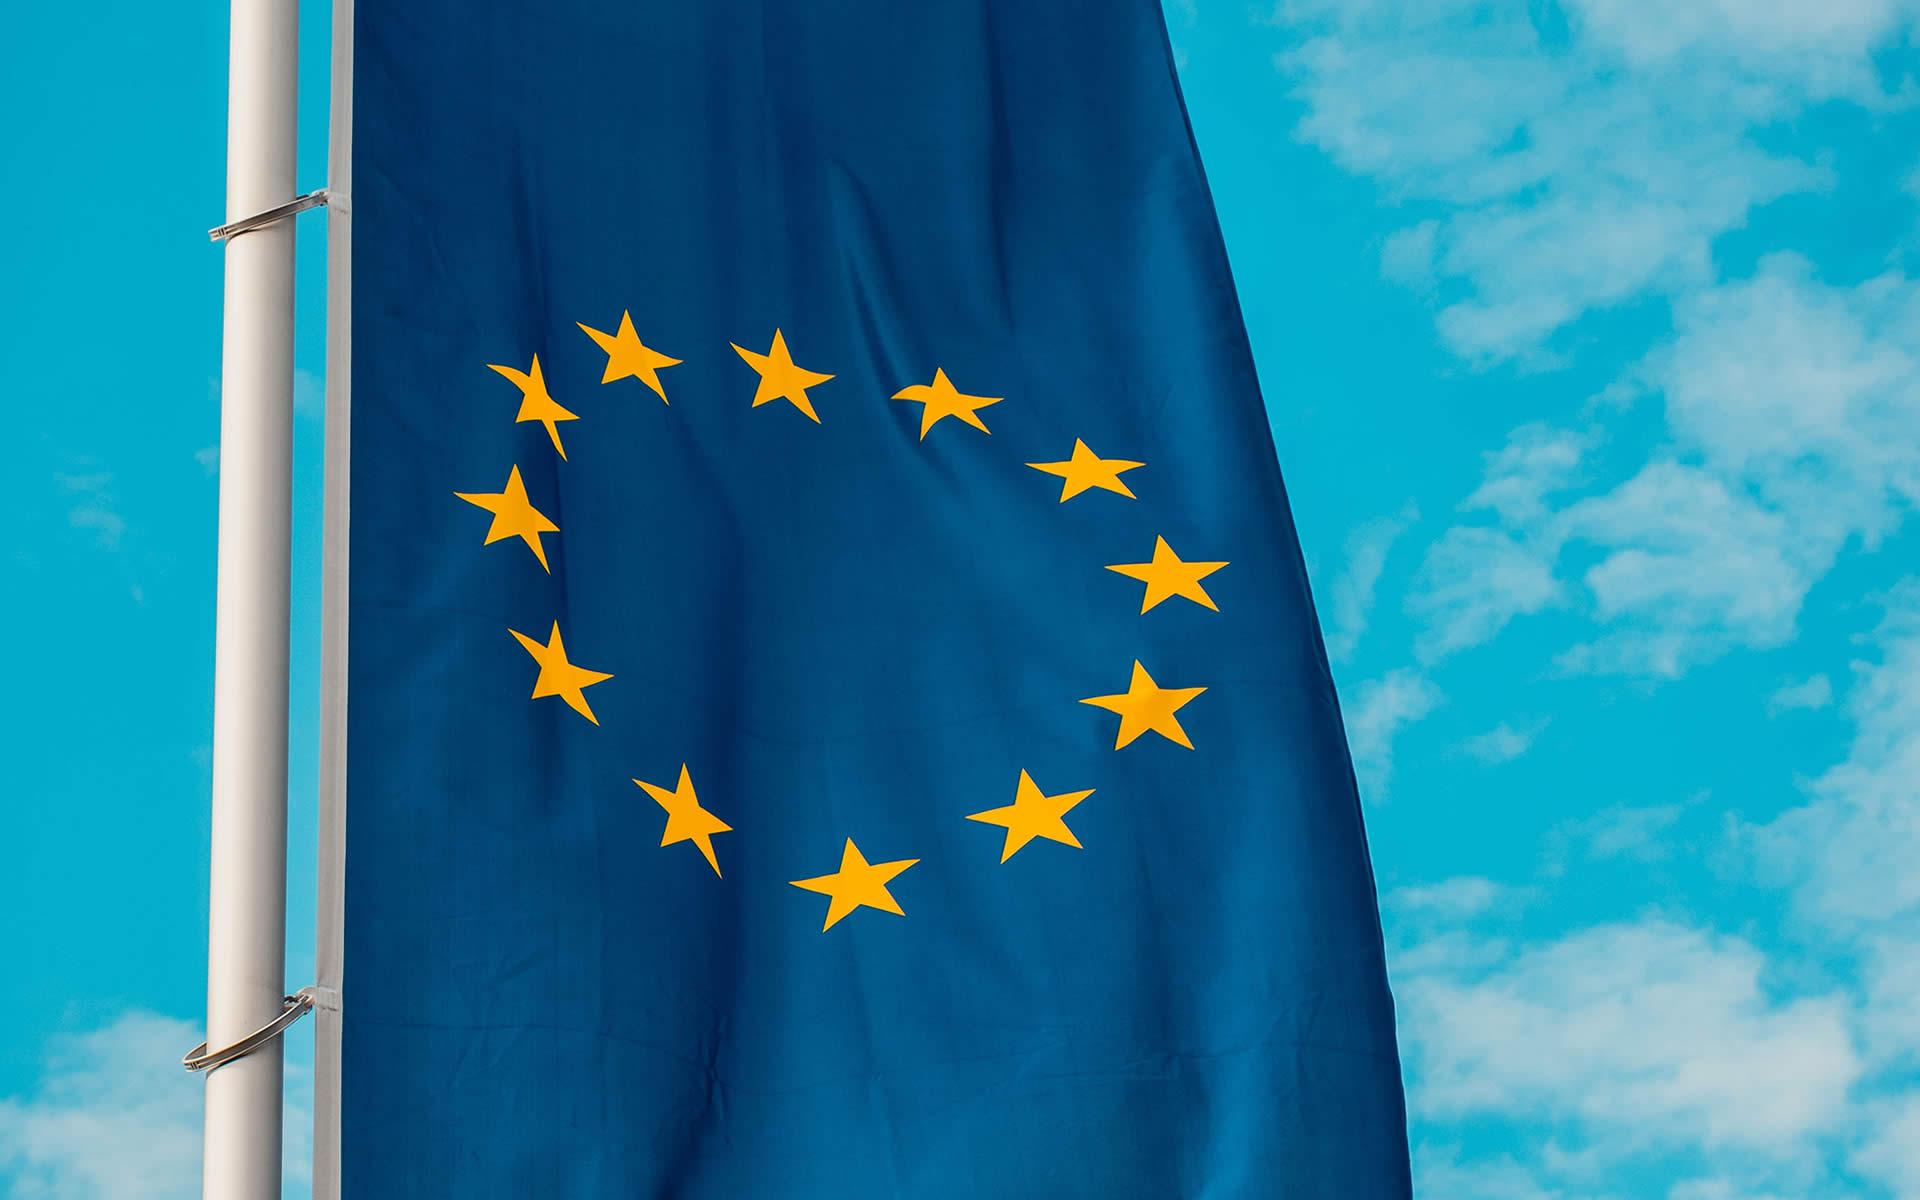 Dalle banche europee 10 miliardi di euro per accelerare la transizione verso l'economia circolare